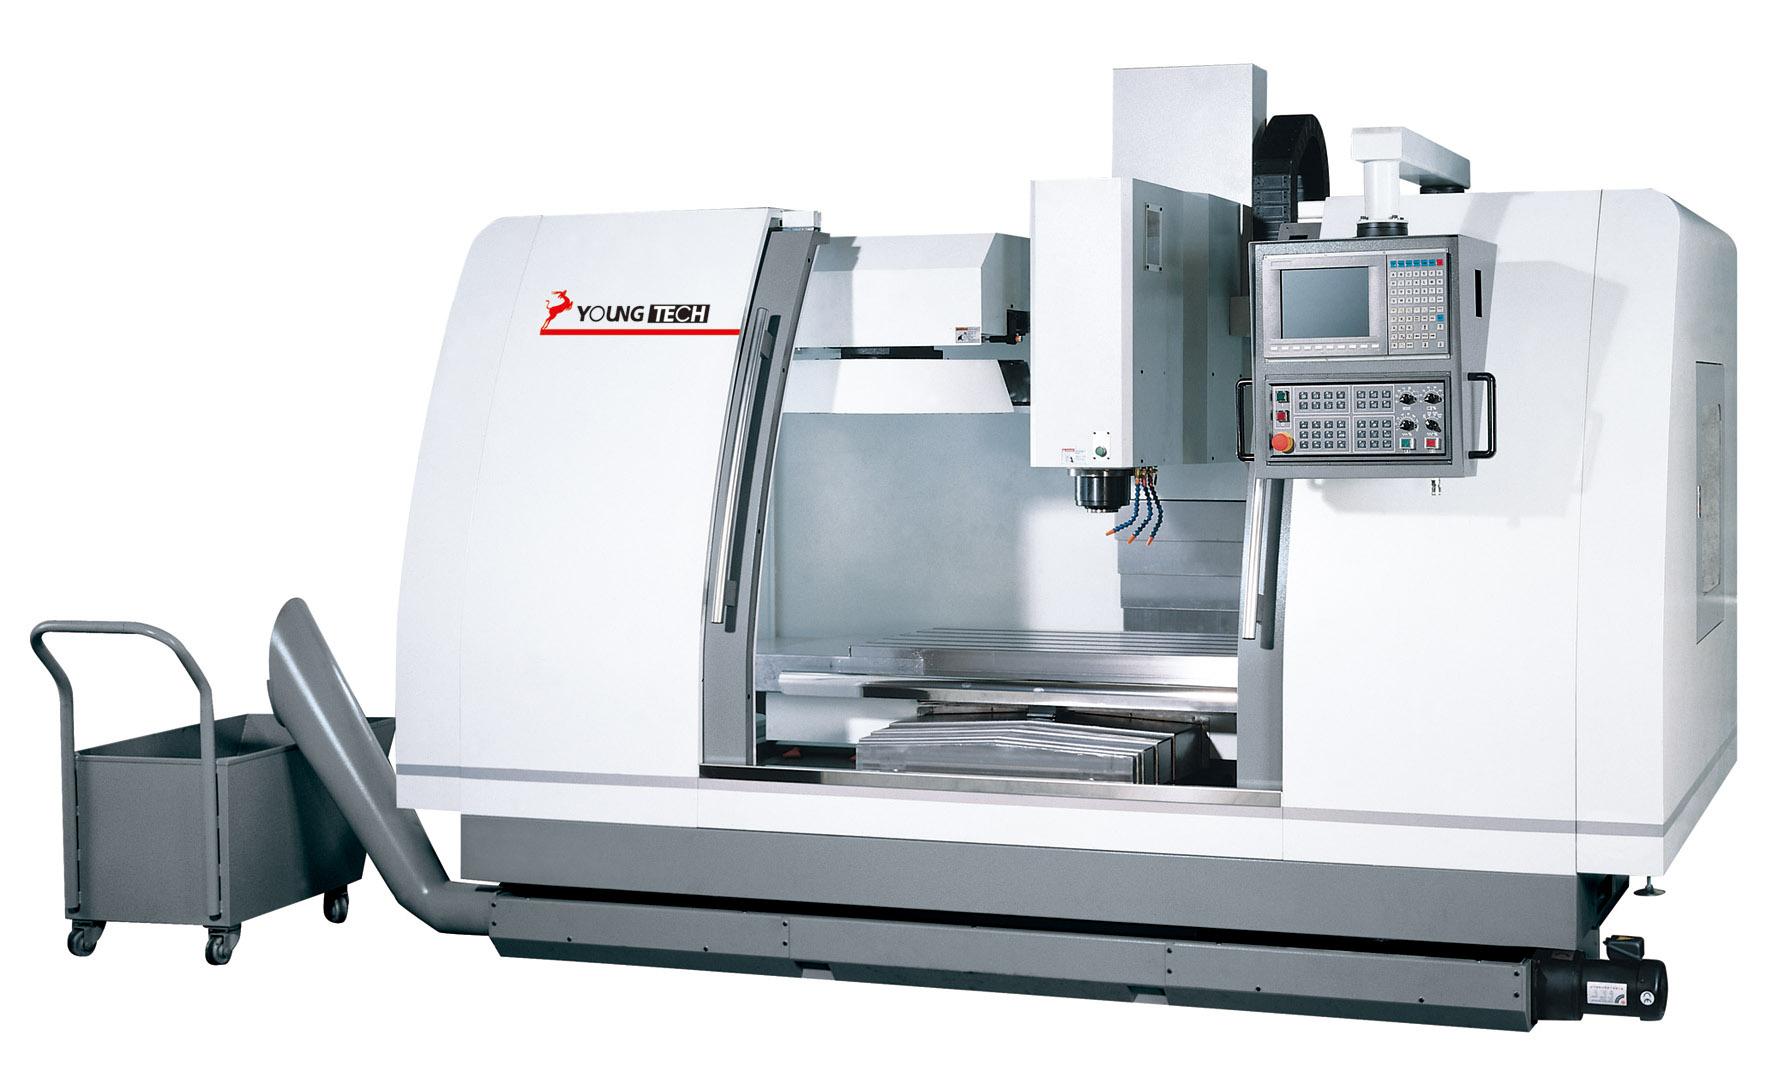 Stærkt reducerede priser på udvalgte Demo modeller samt brugte maskiner - Metal Supply DK